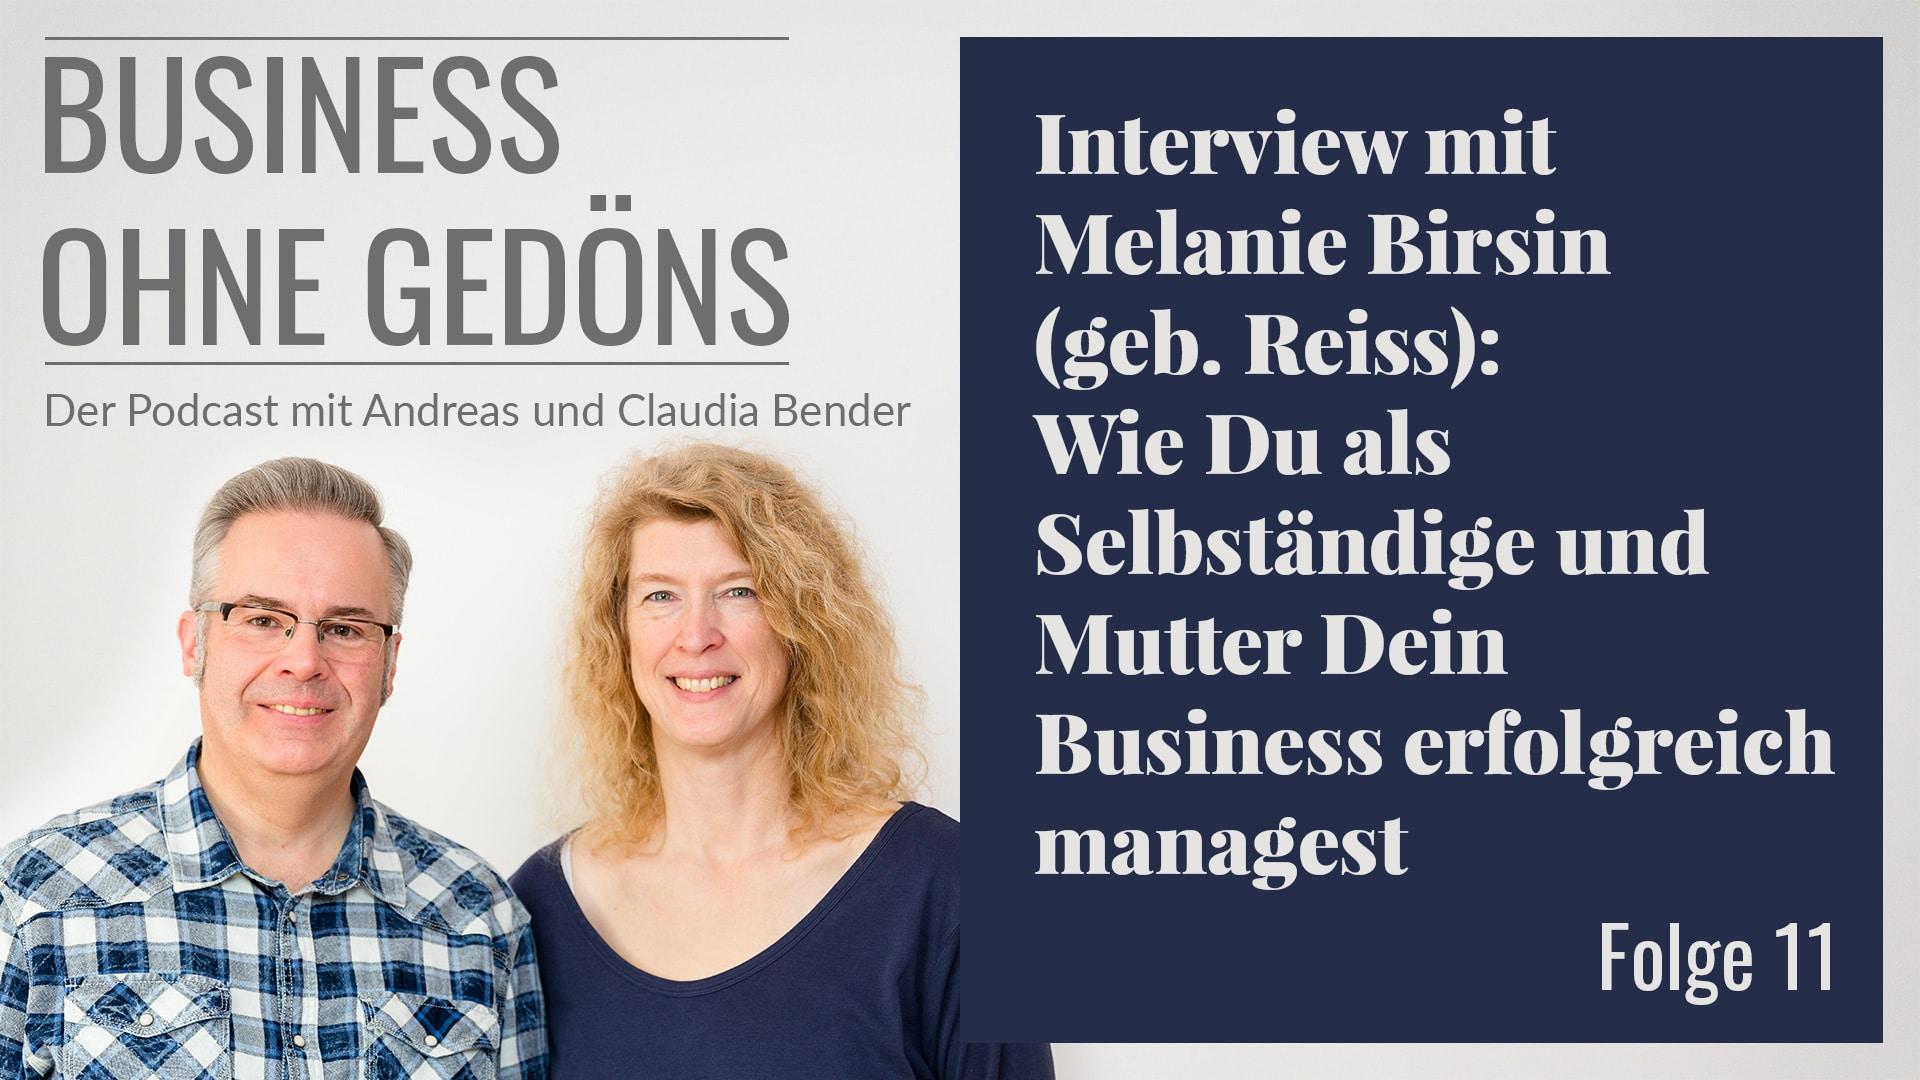 BOG 011 – Interview mit Melanie Birsin (geb. Reiss): Wie du als Selbständige und Mutter Dein Business erfolgreich managest